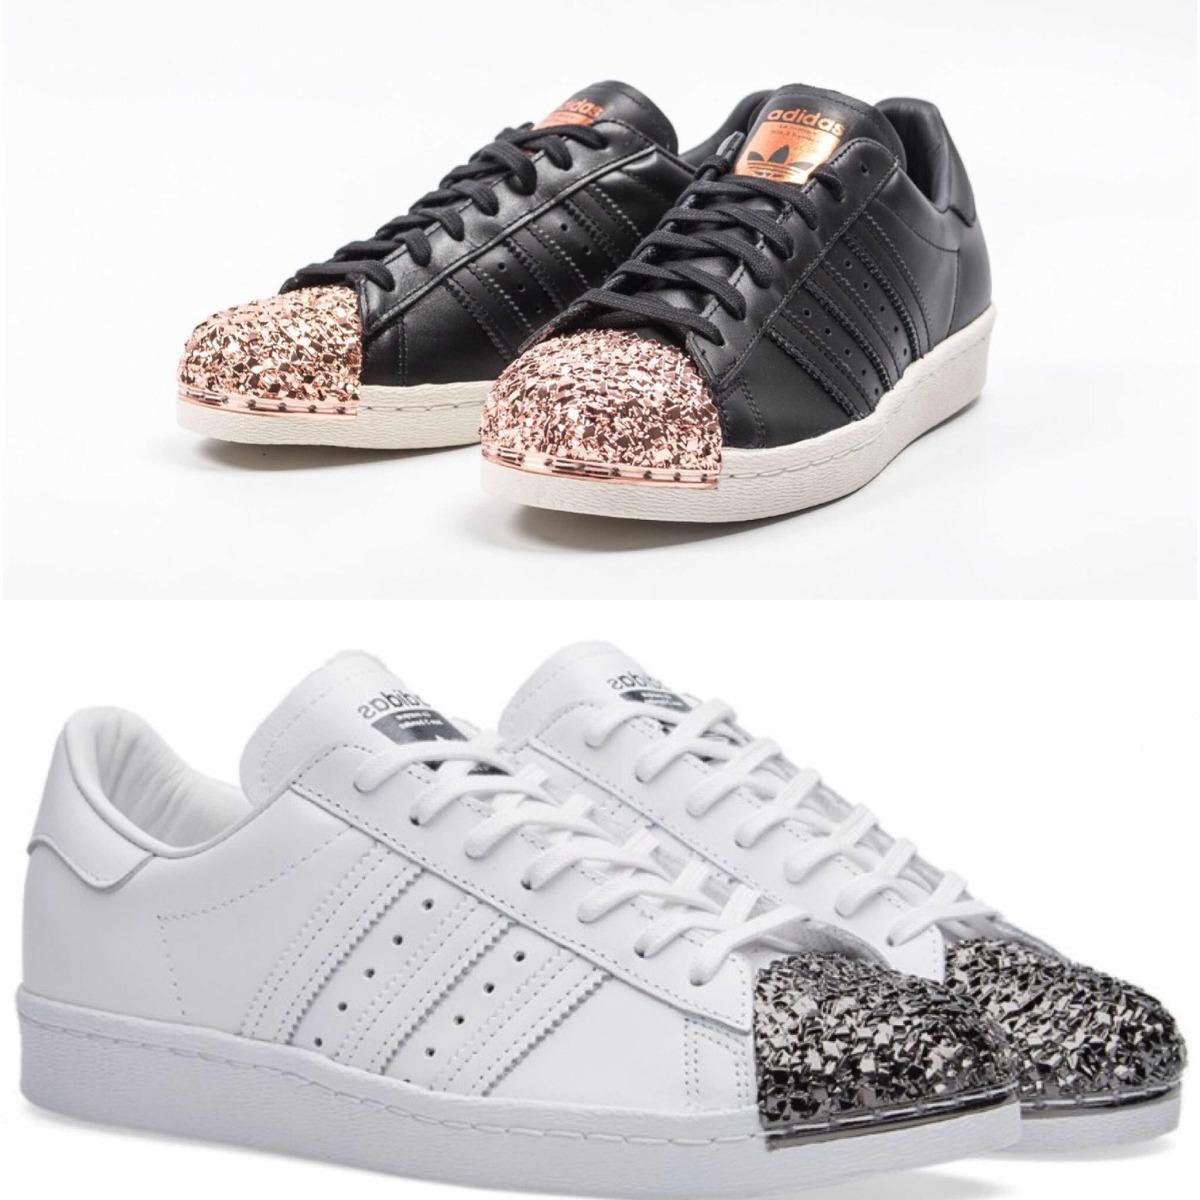 meet d95de 5cfa0 ... good zapatillas adidas superstar 80s metal toe negro y blanco. cargando  zoom. 9520f 94176